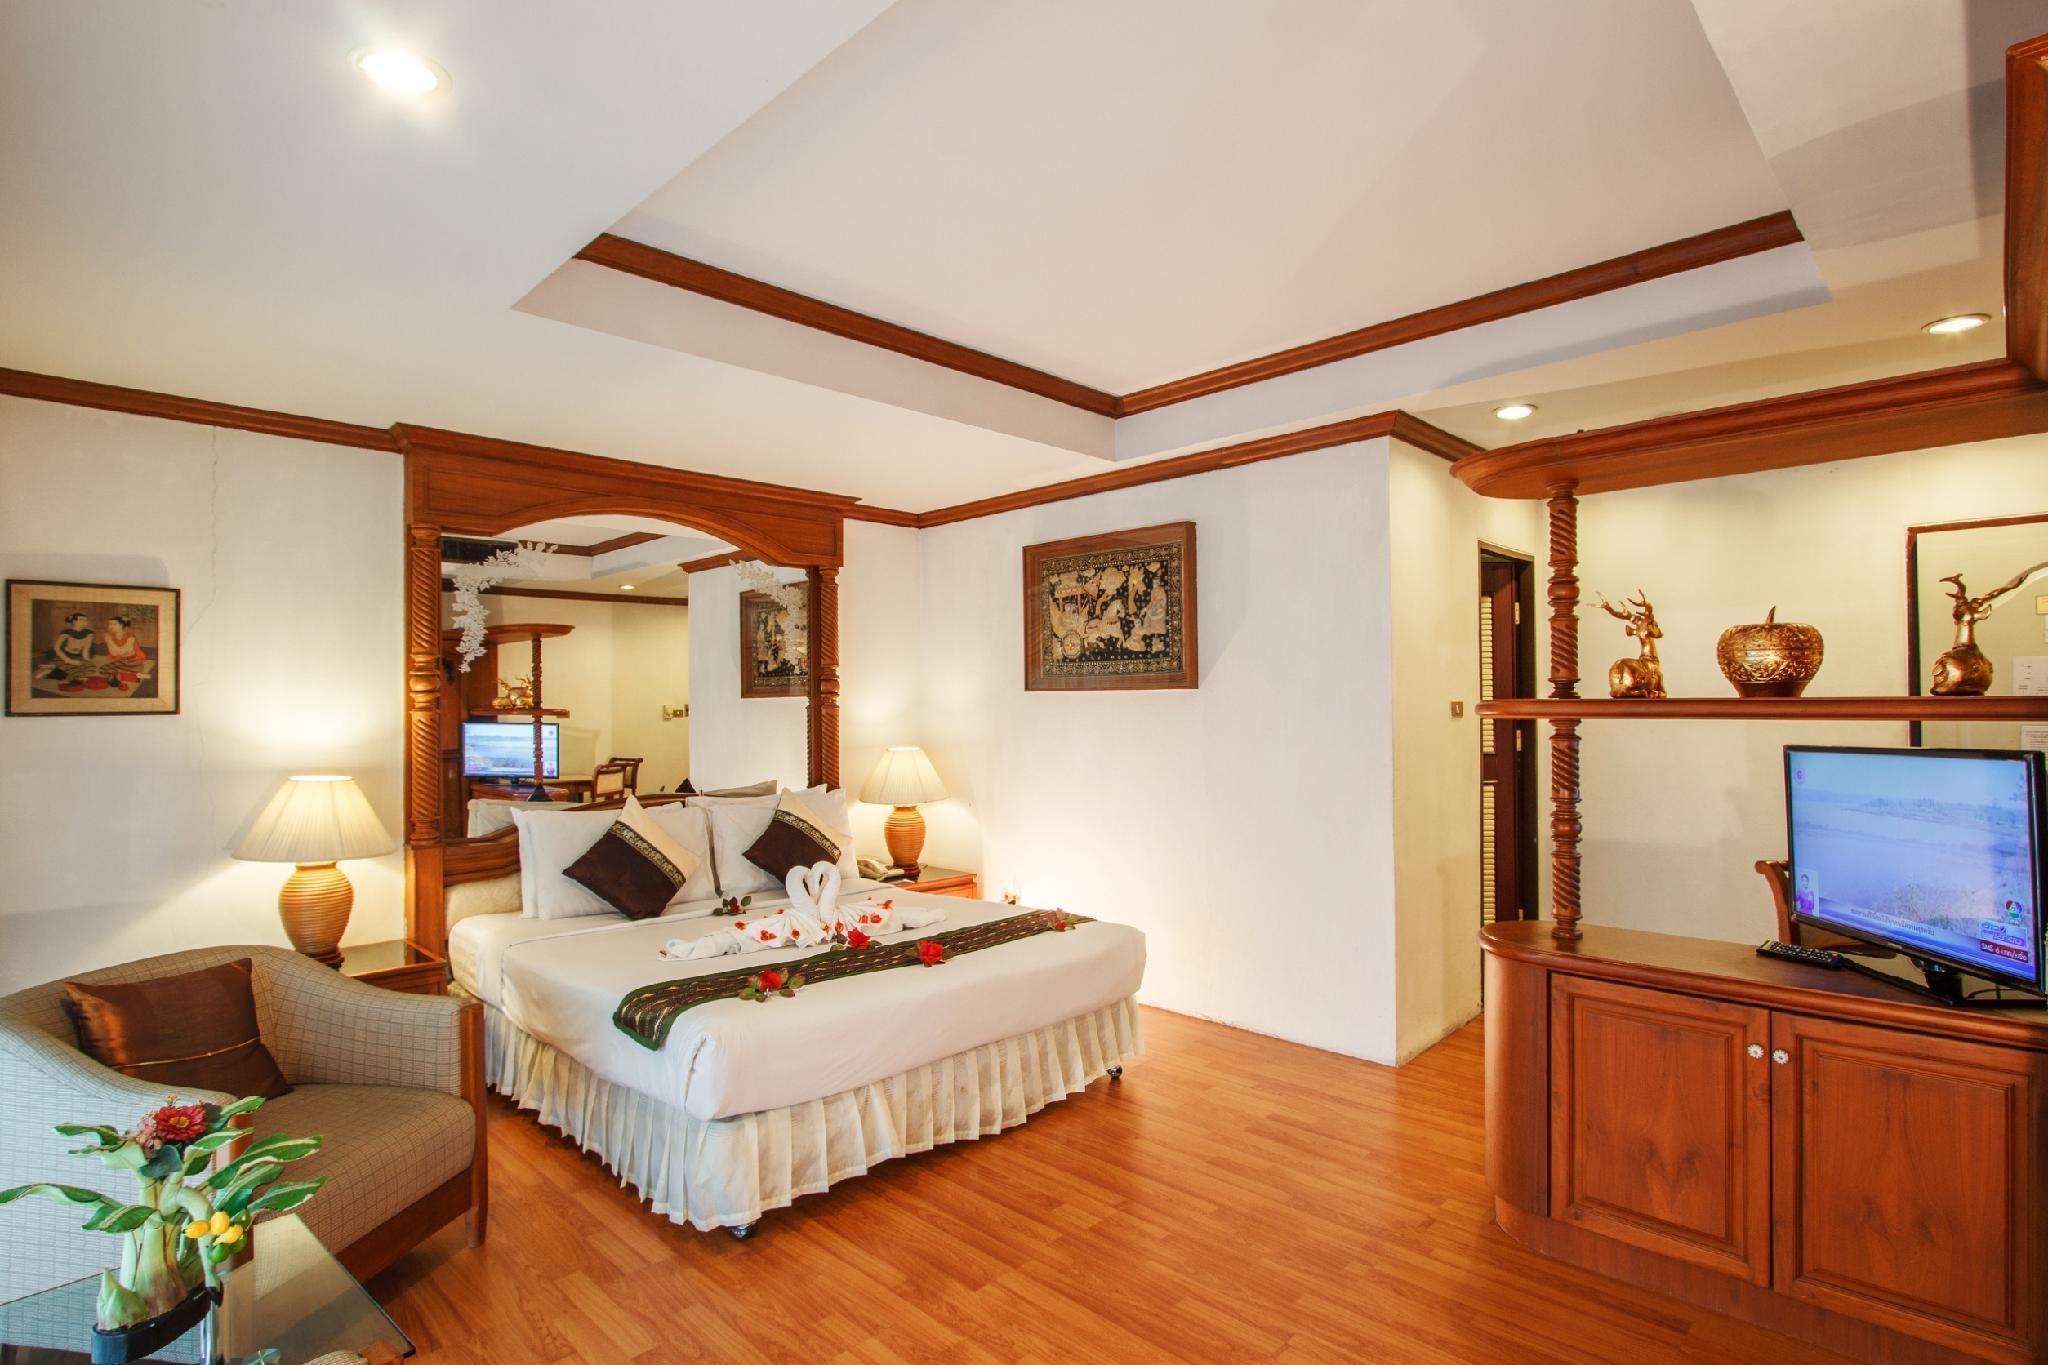 ที่พักง่ายๆ โรงแรมเชียงใหม่ รัตนโกสินทร์ - เชียงใหม่ โปรโมชั่น